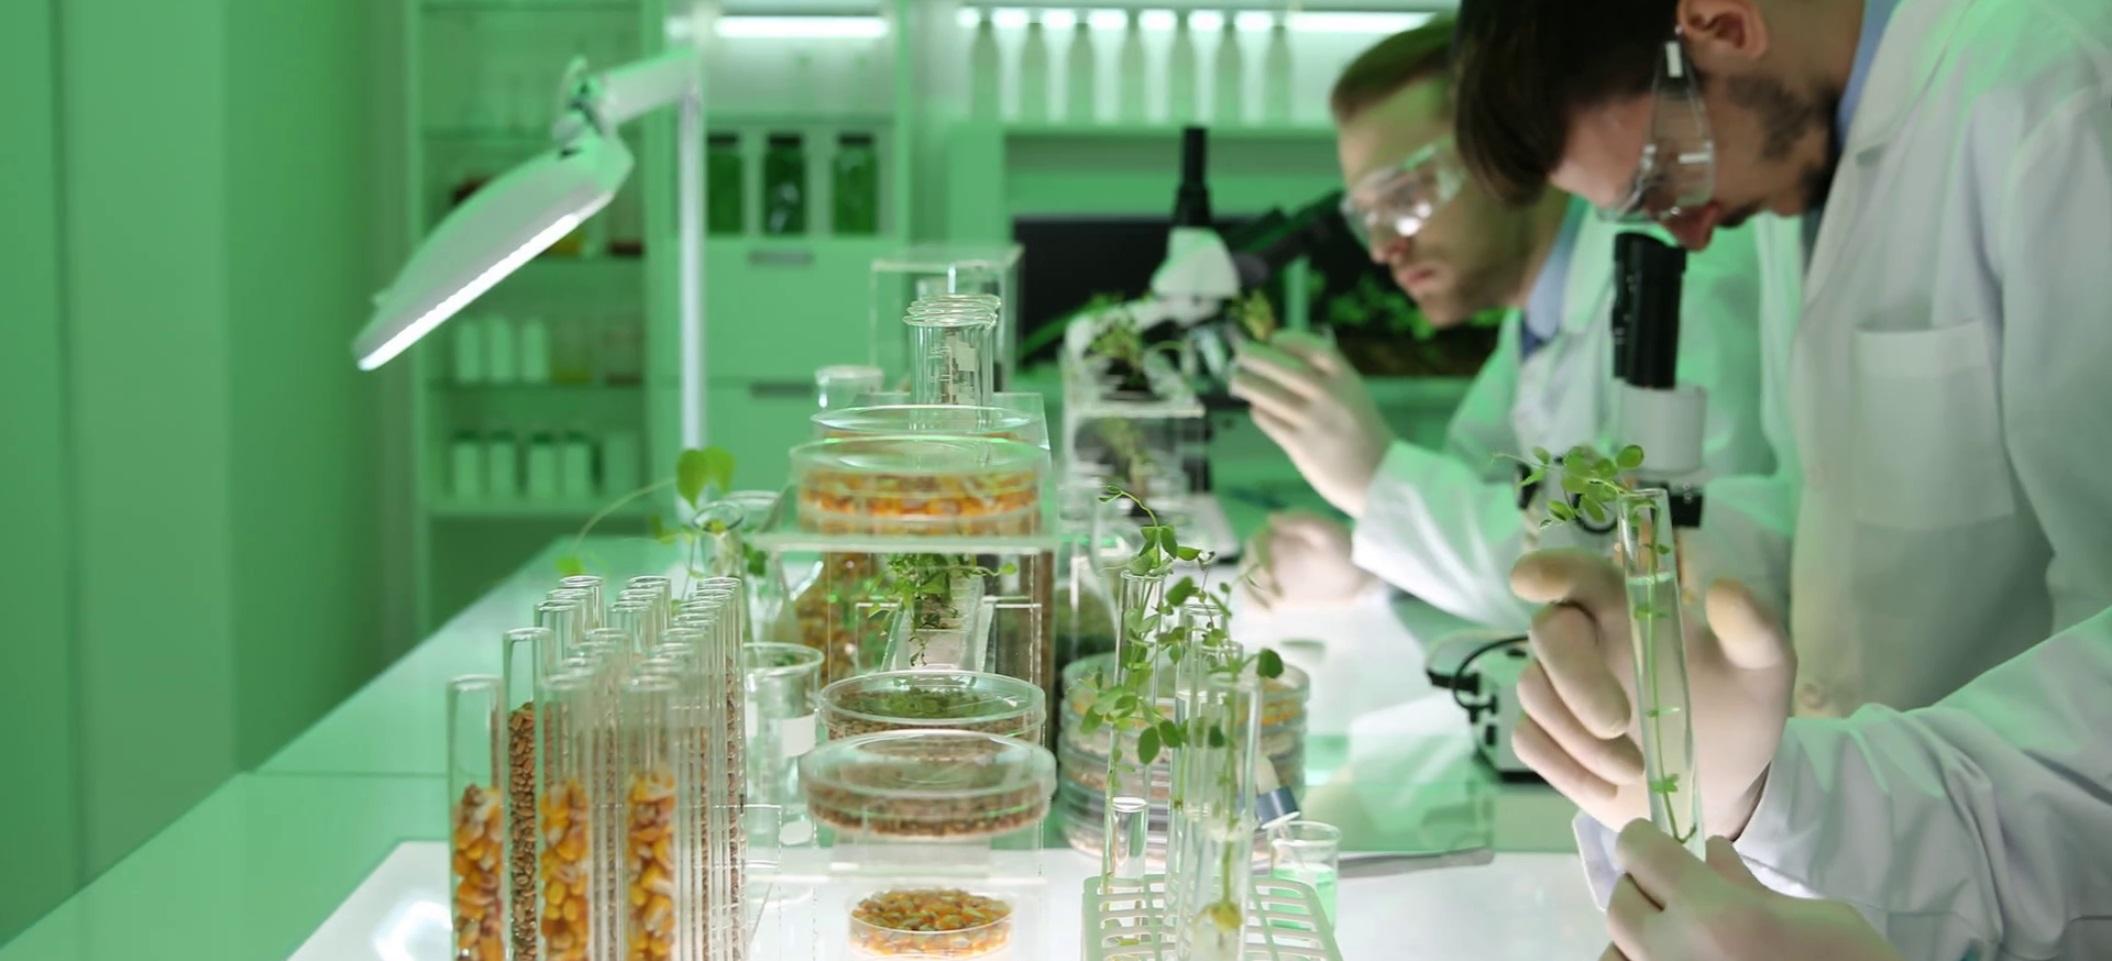 Научно-производственный центр биотехнологий официально откроют 01 марта 2019 года в Минске. Таки данные приводит портал HimFAQ.ru (Химфак Ру) со ссылкой на пресс-службу Национальной академии наук Республики Беларусь (НАН Беларуси).